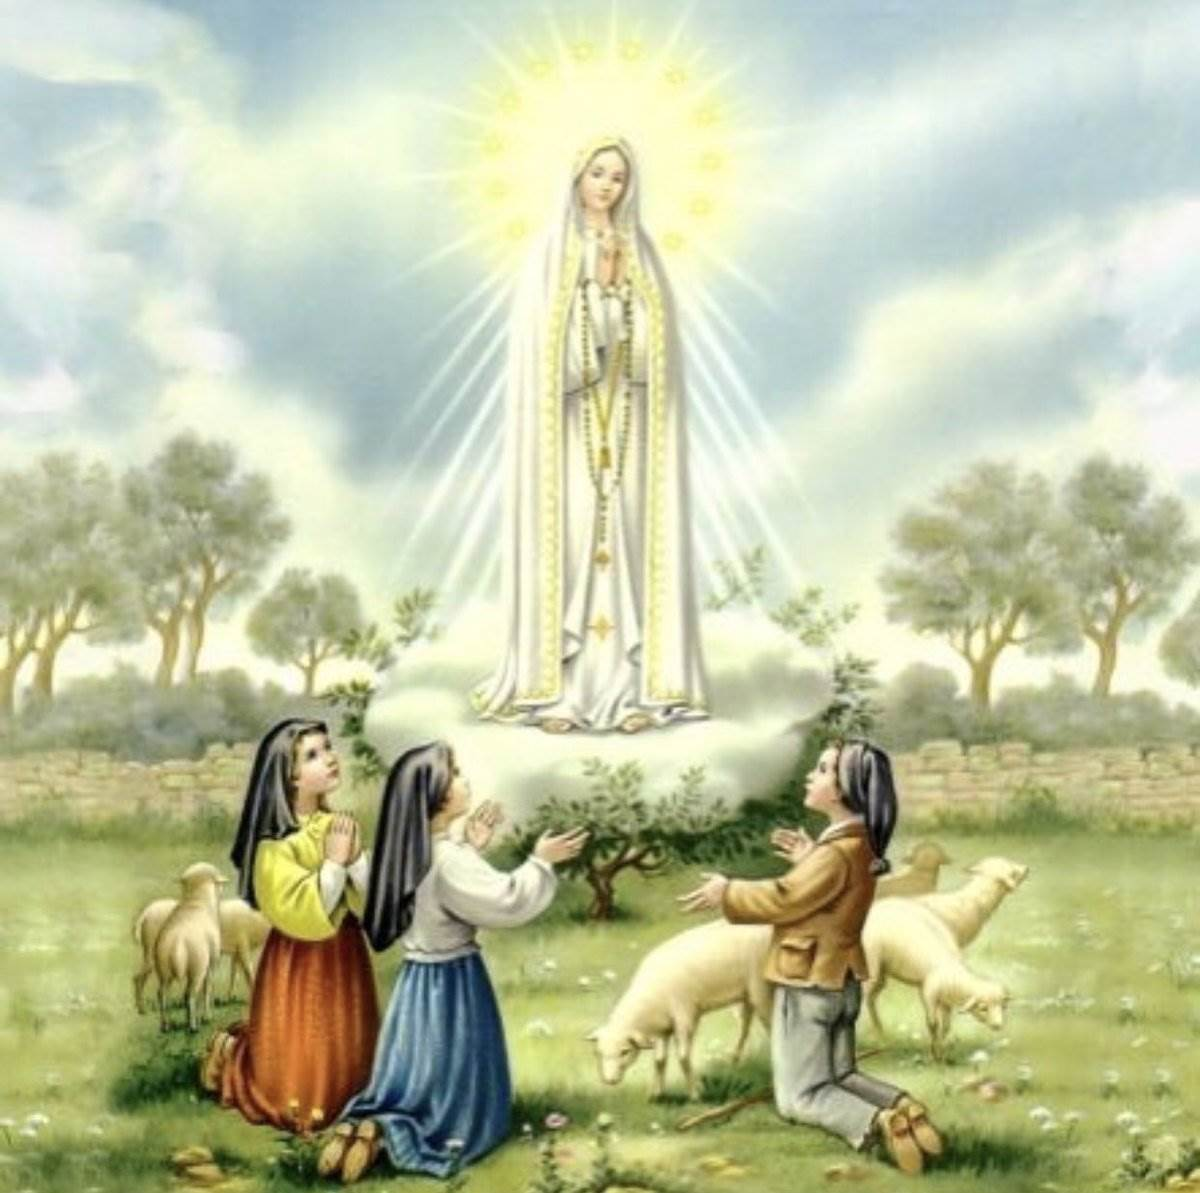 Phúc thay lòng dạ (13.5.2020 - Lễ Đức Mẹ Fatima)